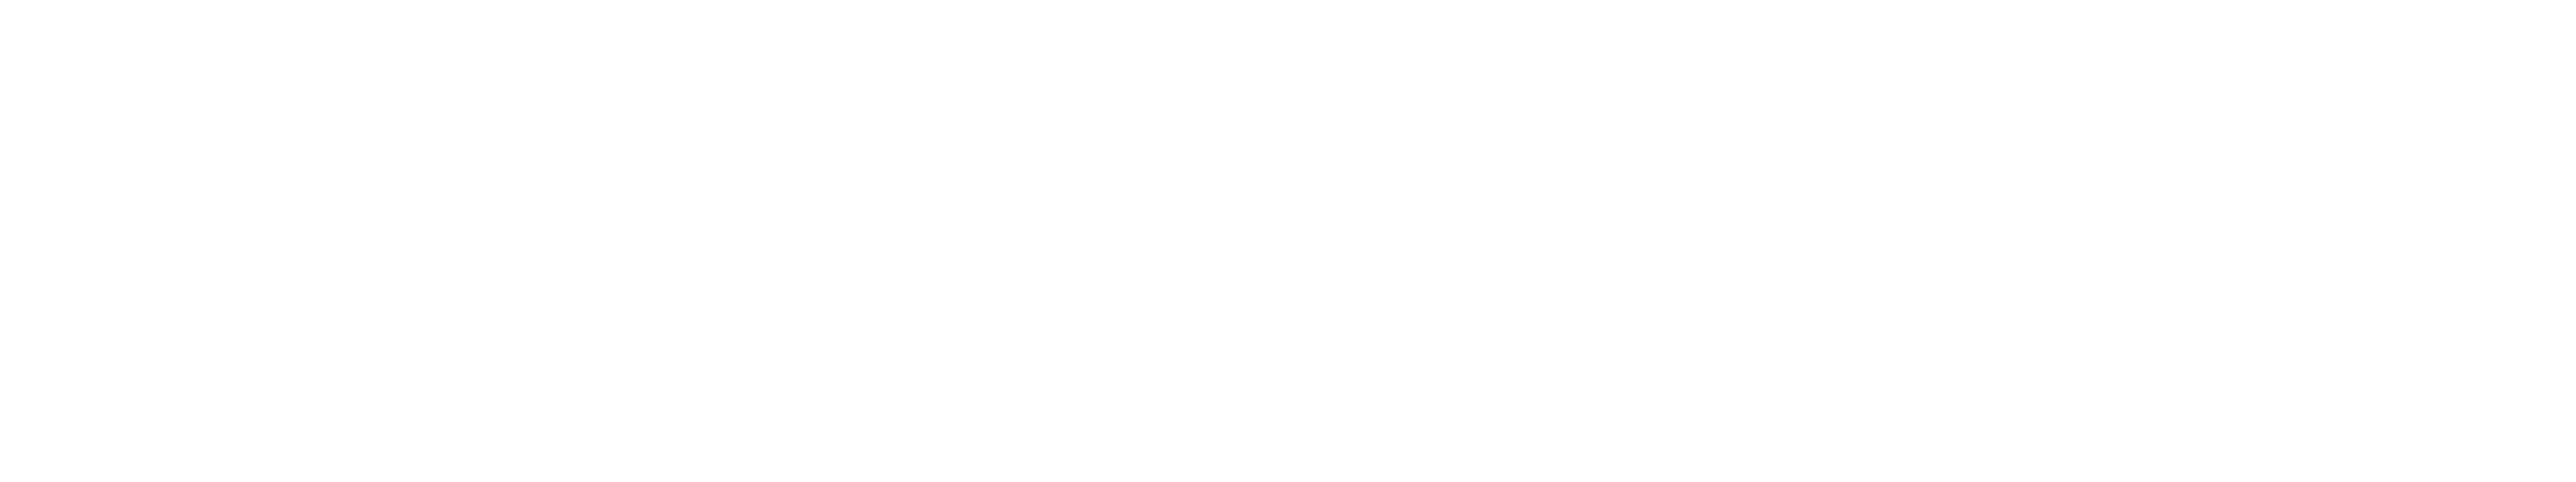 Yogaville Online Logo